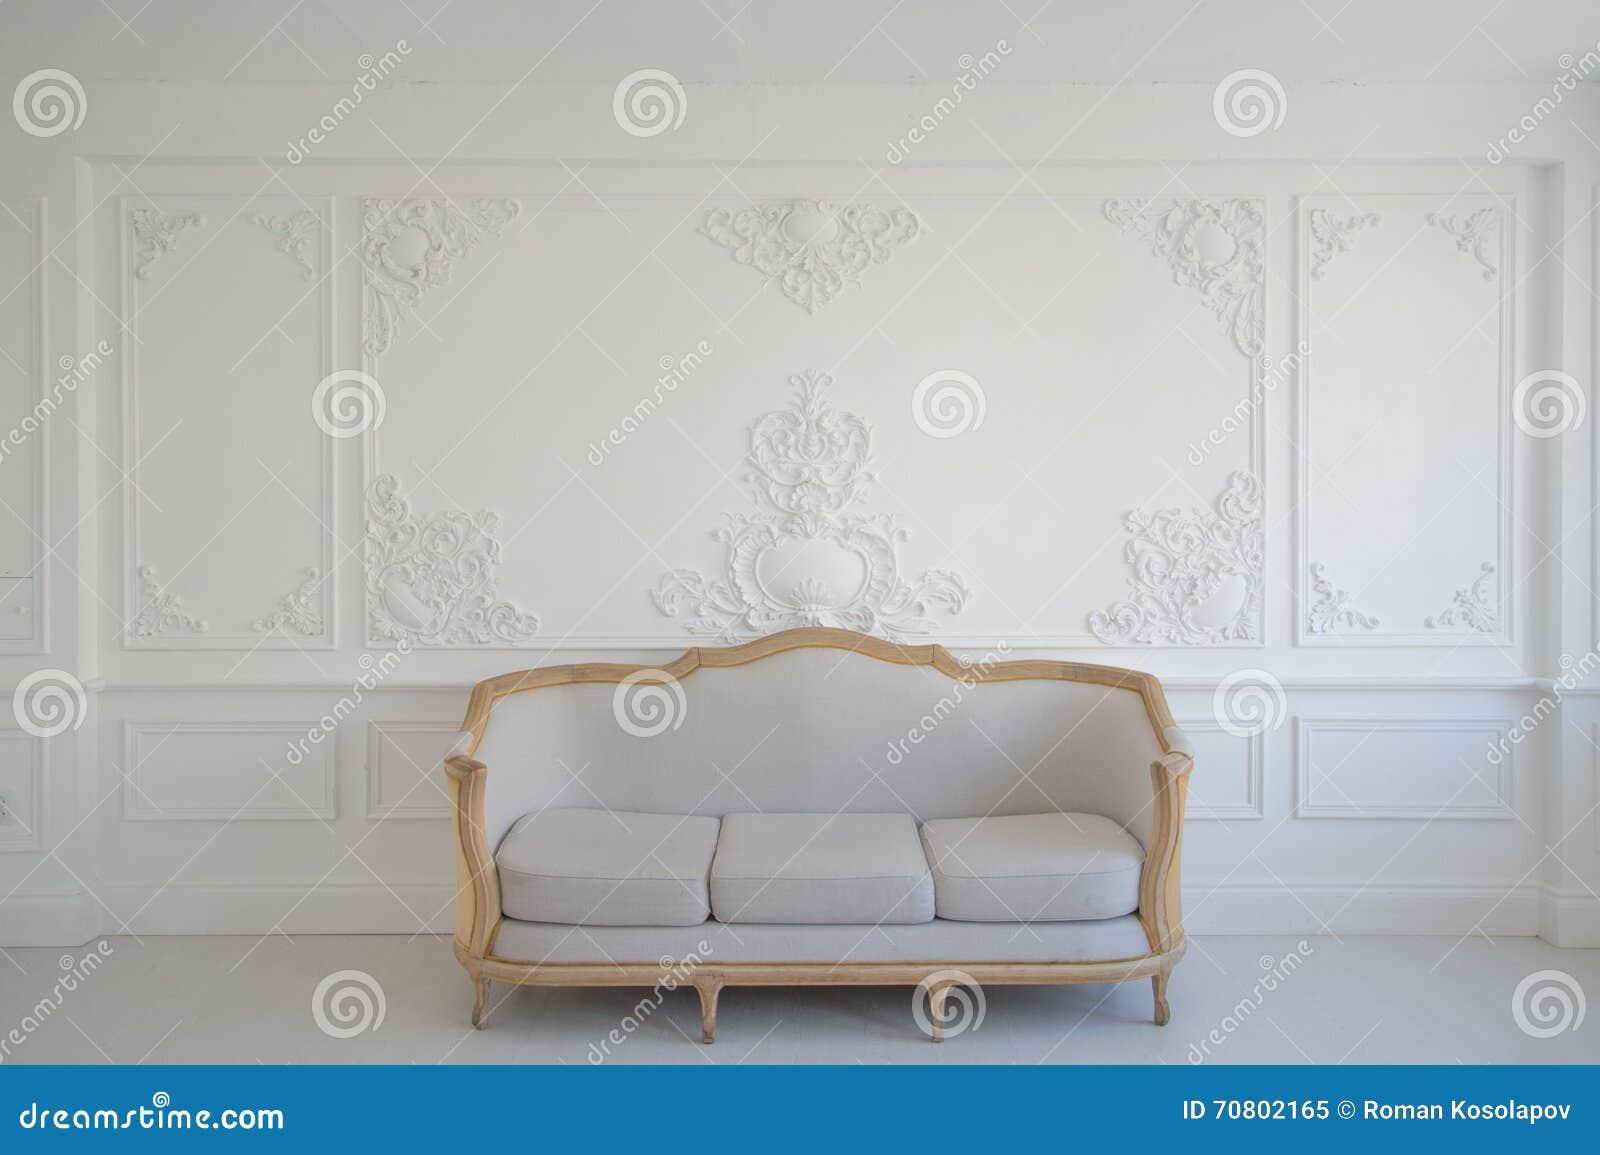 Salon avec le sofa léger élégant antique sur les éléments blancs de luxe de roccoco de bâtis de stuc de bas-relief de conception